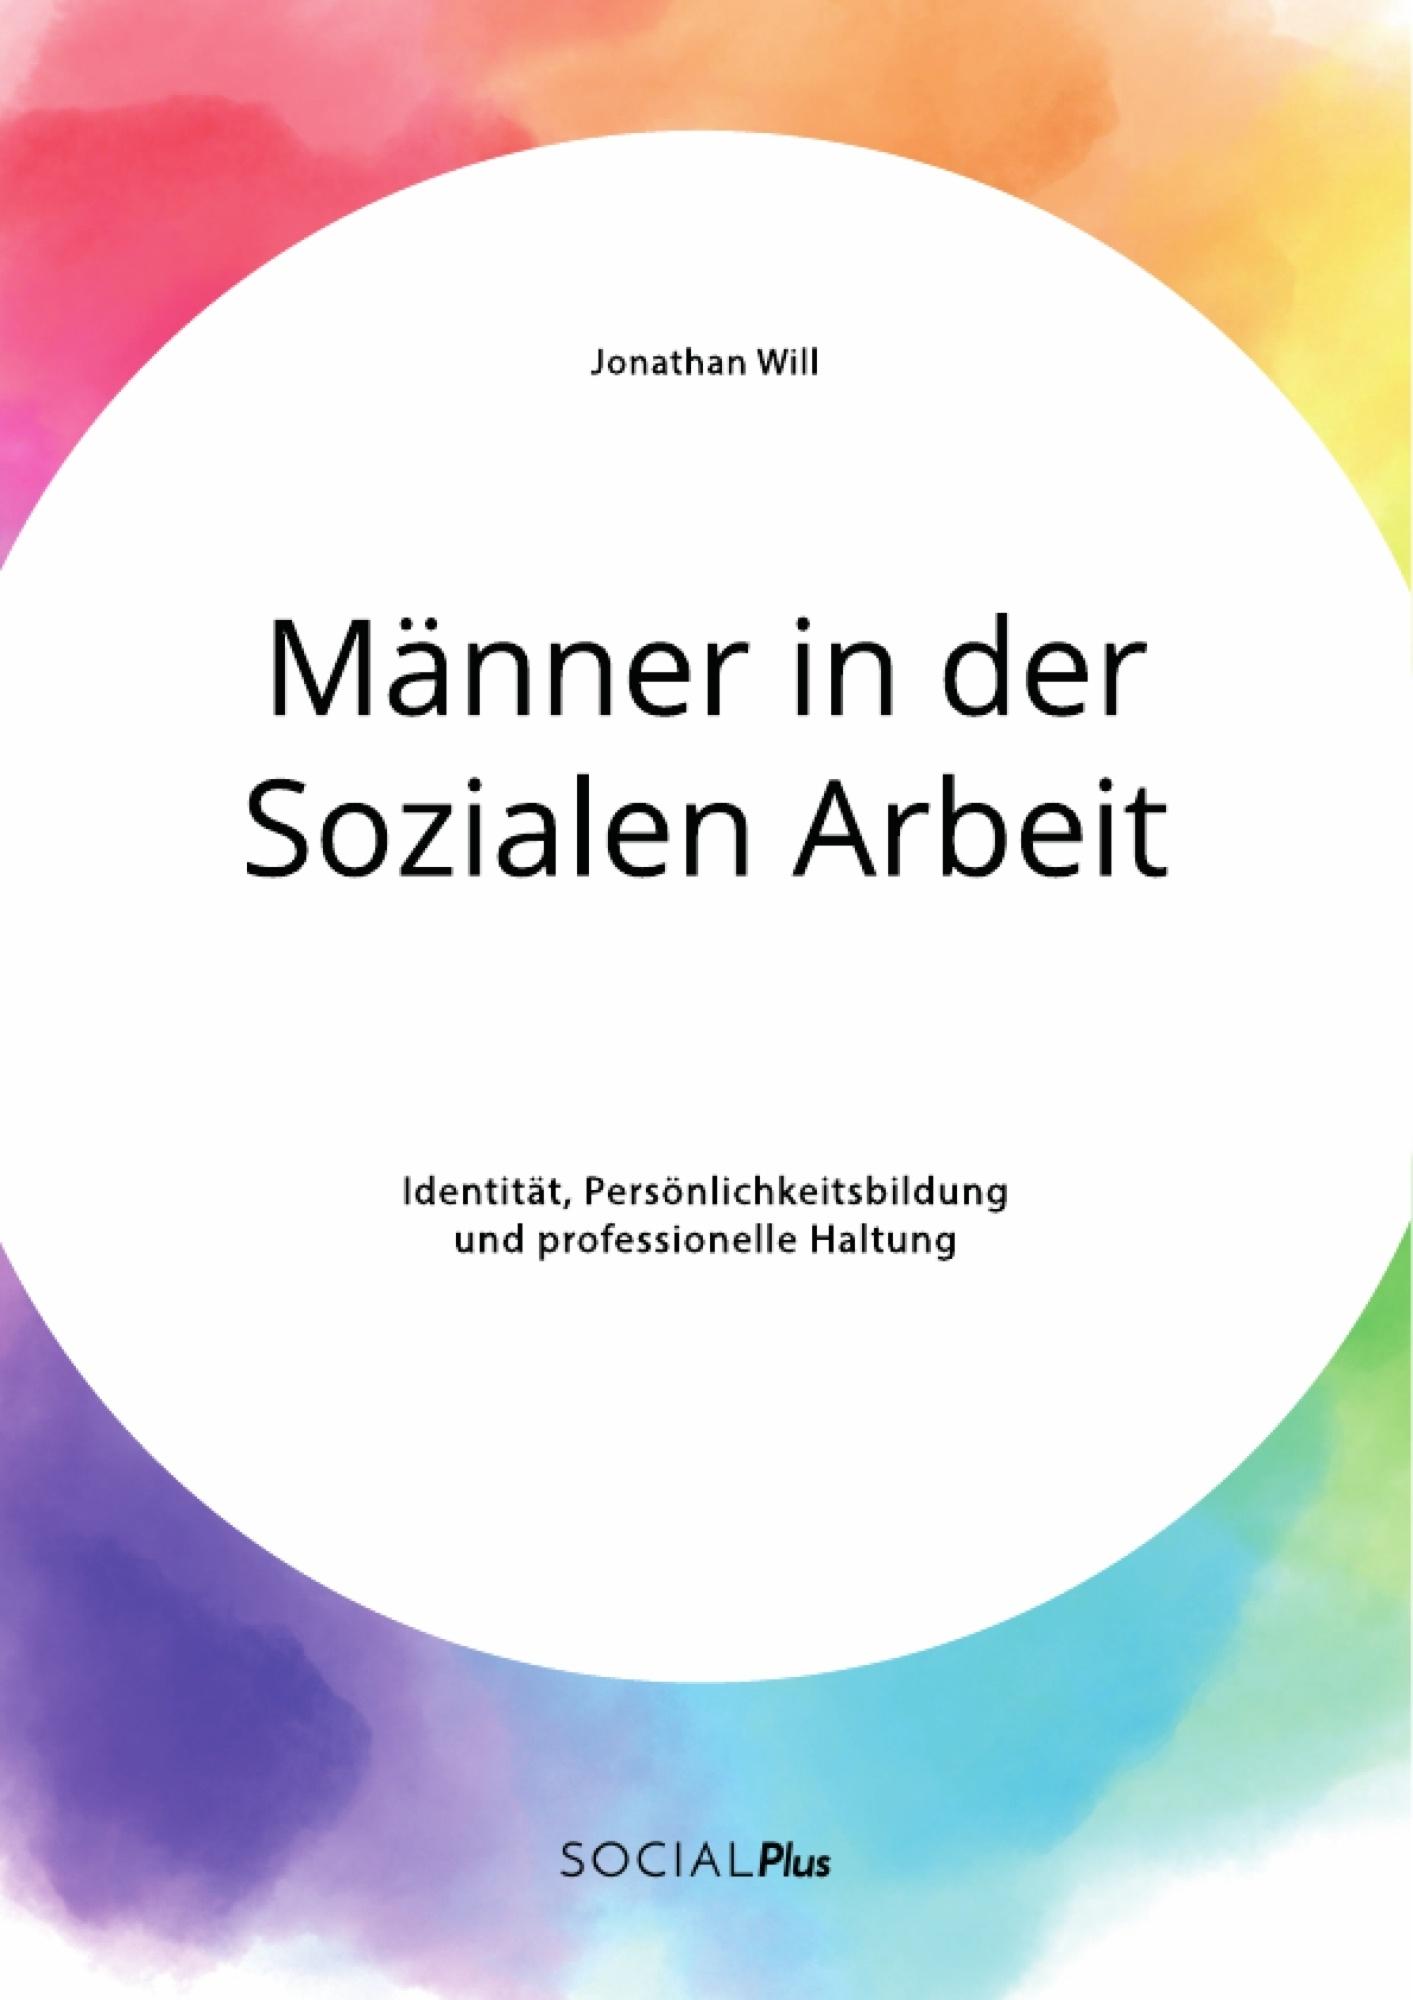 Titel: Männer in der Sozialen Arbeit. Identität, Persönlichkeitsbildung und professionelle Haltung